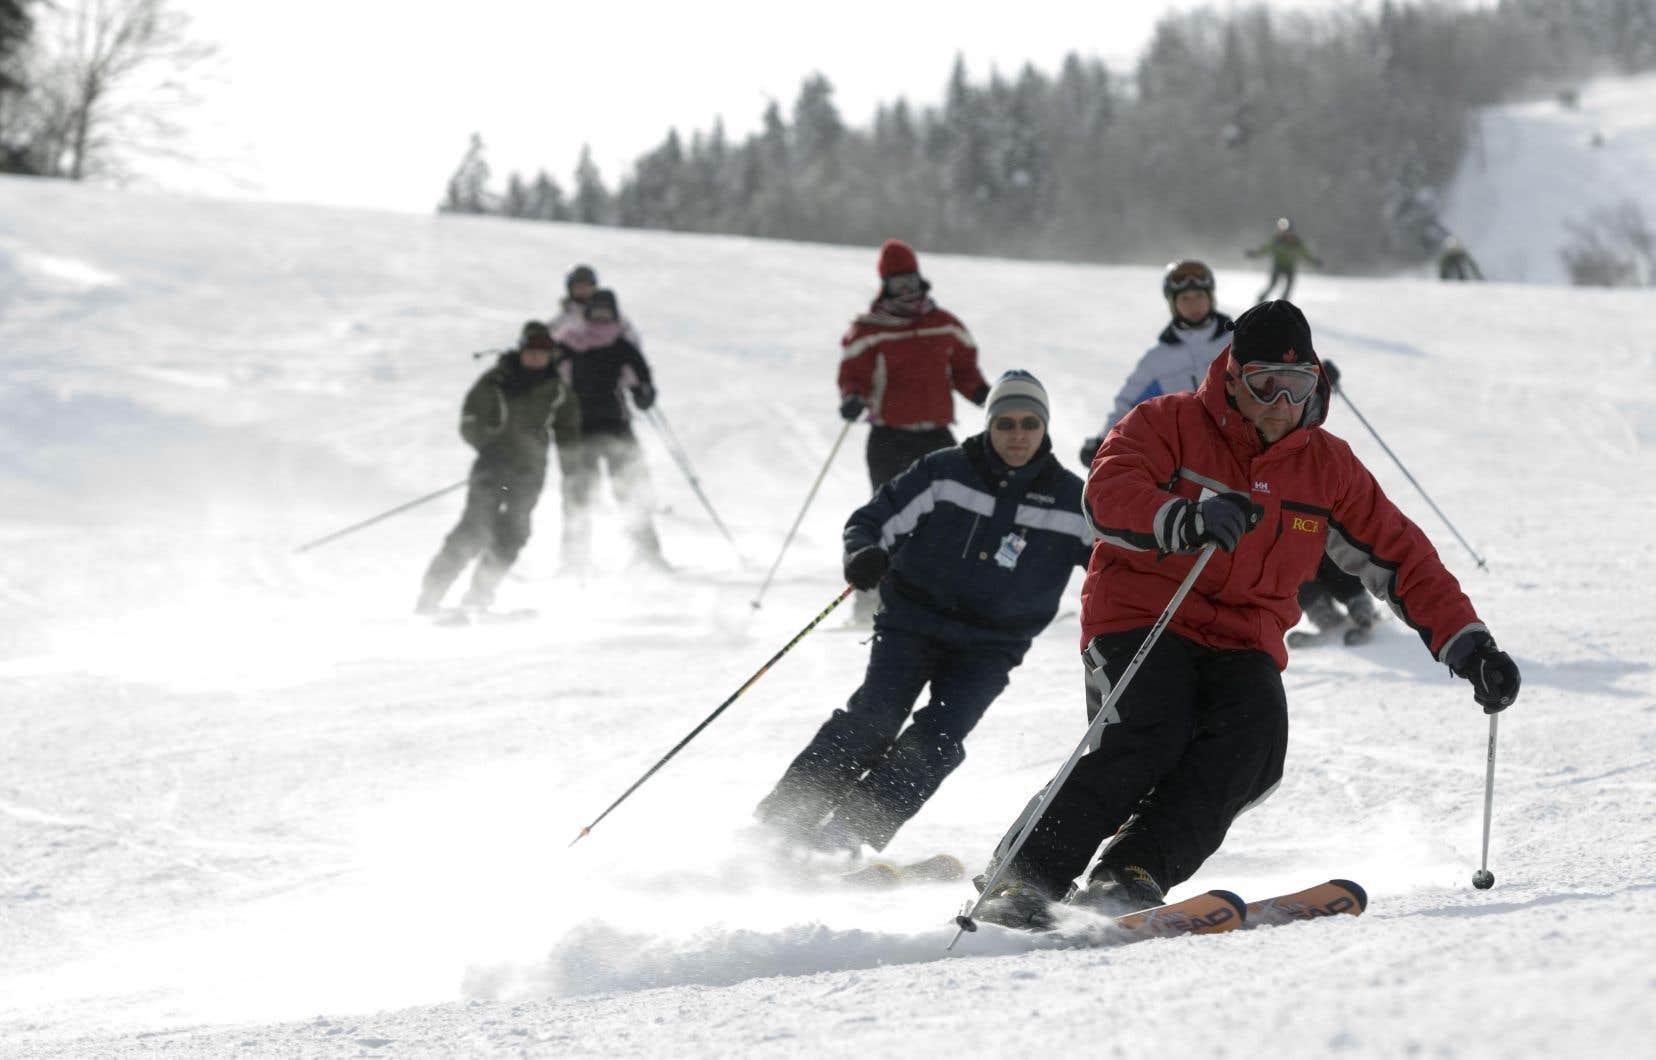 La Station de ski de Stoneham est une propriété de la compagnie Resort of the Canadian Rockies, de l'Alberta, qui détient aussi la Station du Mont-Sainte-Anne.